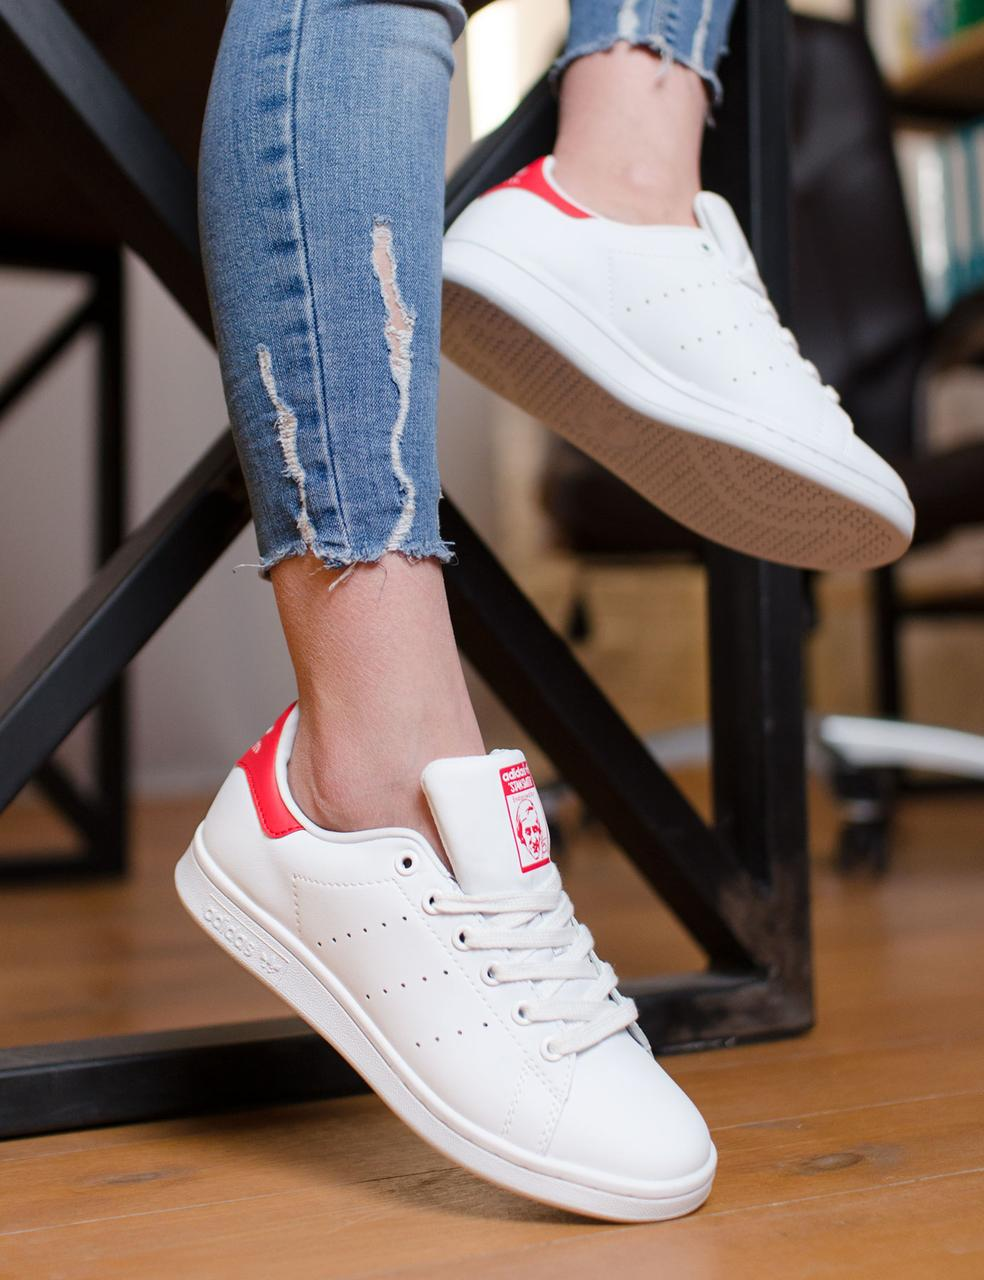 b865f05728e8 Женские кроссовки Adidas STAN SMITH White/Red (адидас стэн смит белые,  красный задник